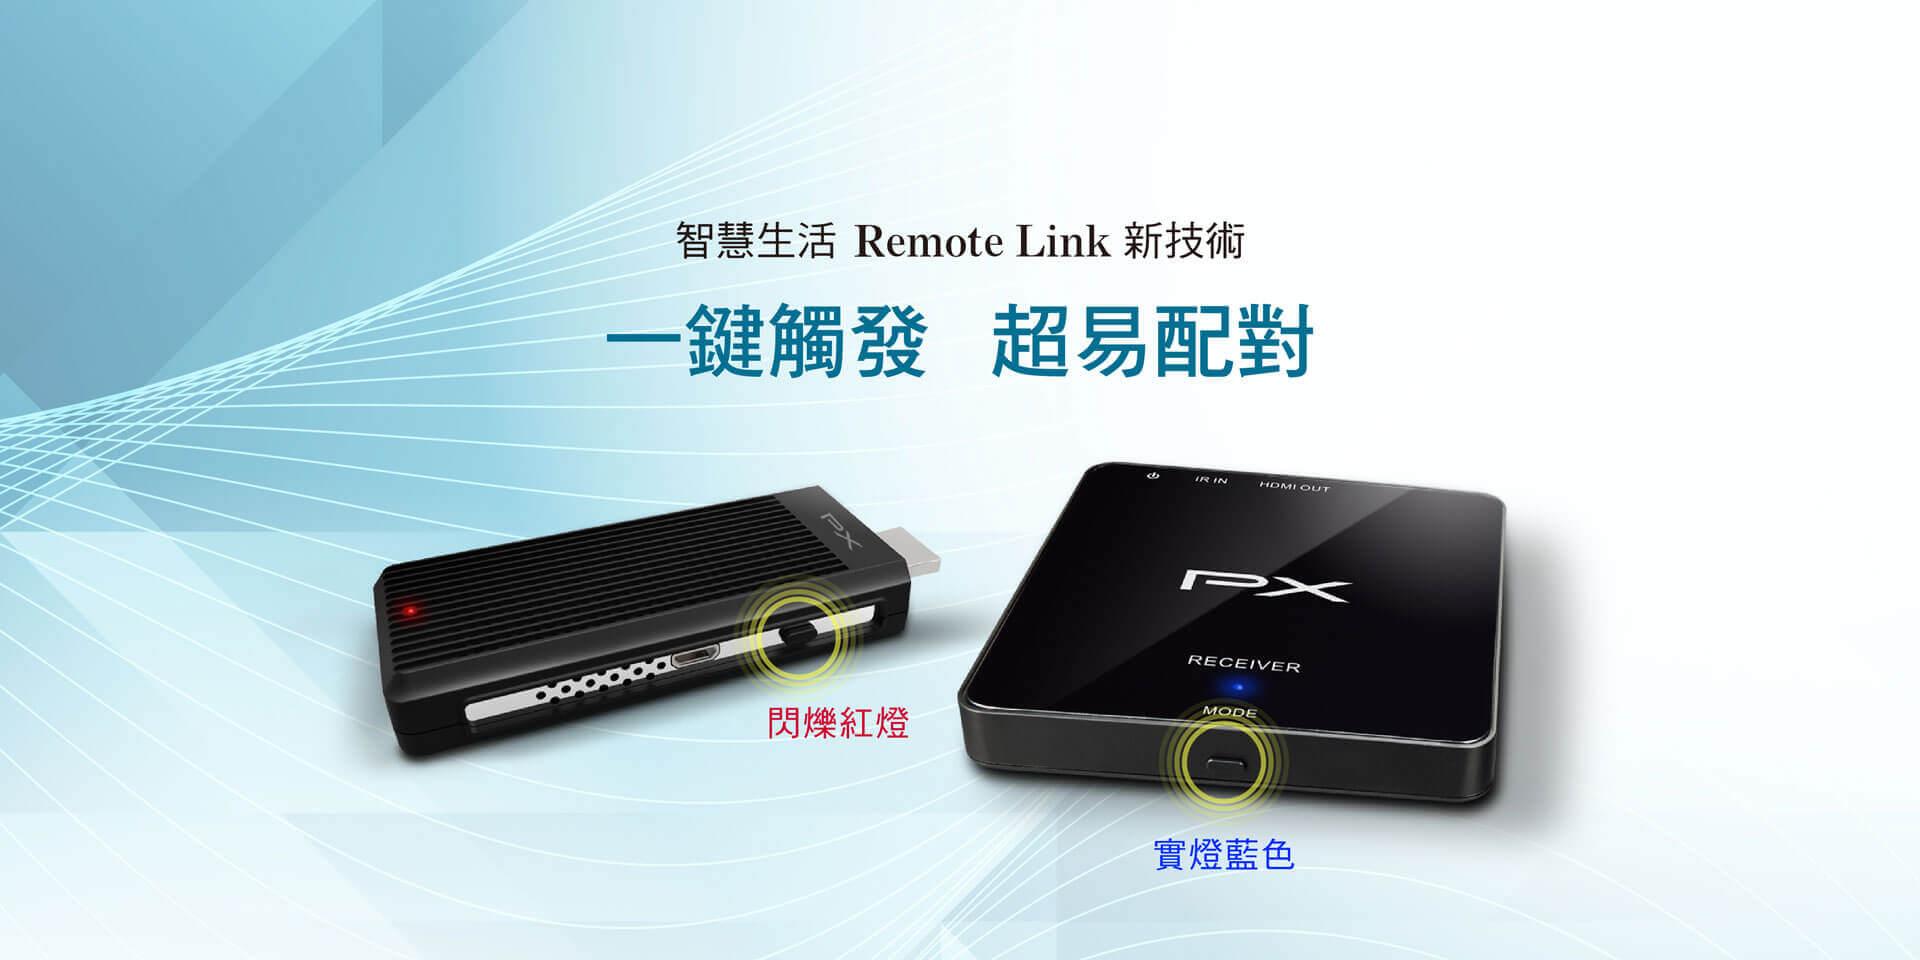 proimages/product/pro-02/pro02-004/WTR-5000/WTR-5000-14.jpg